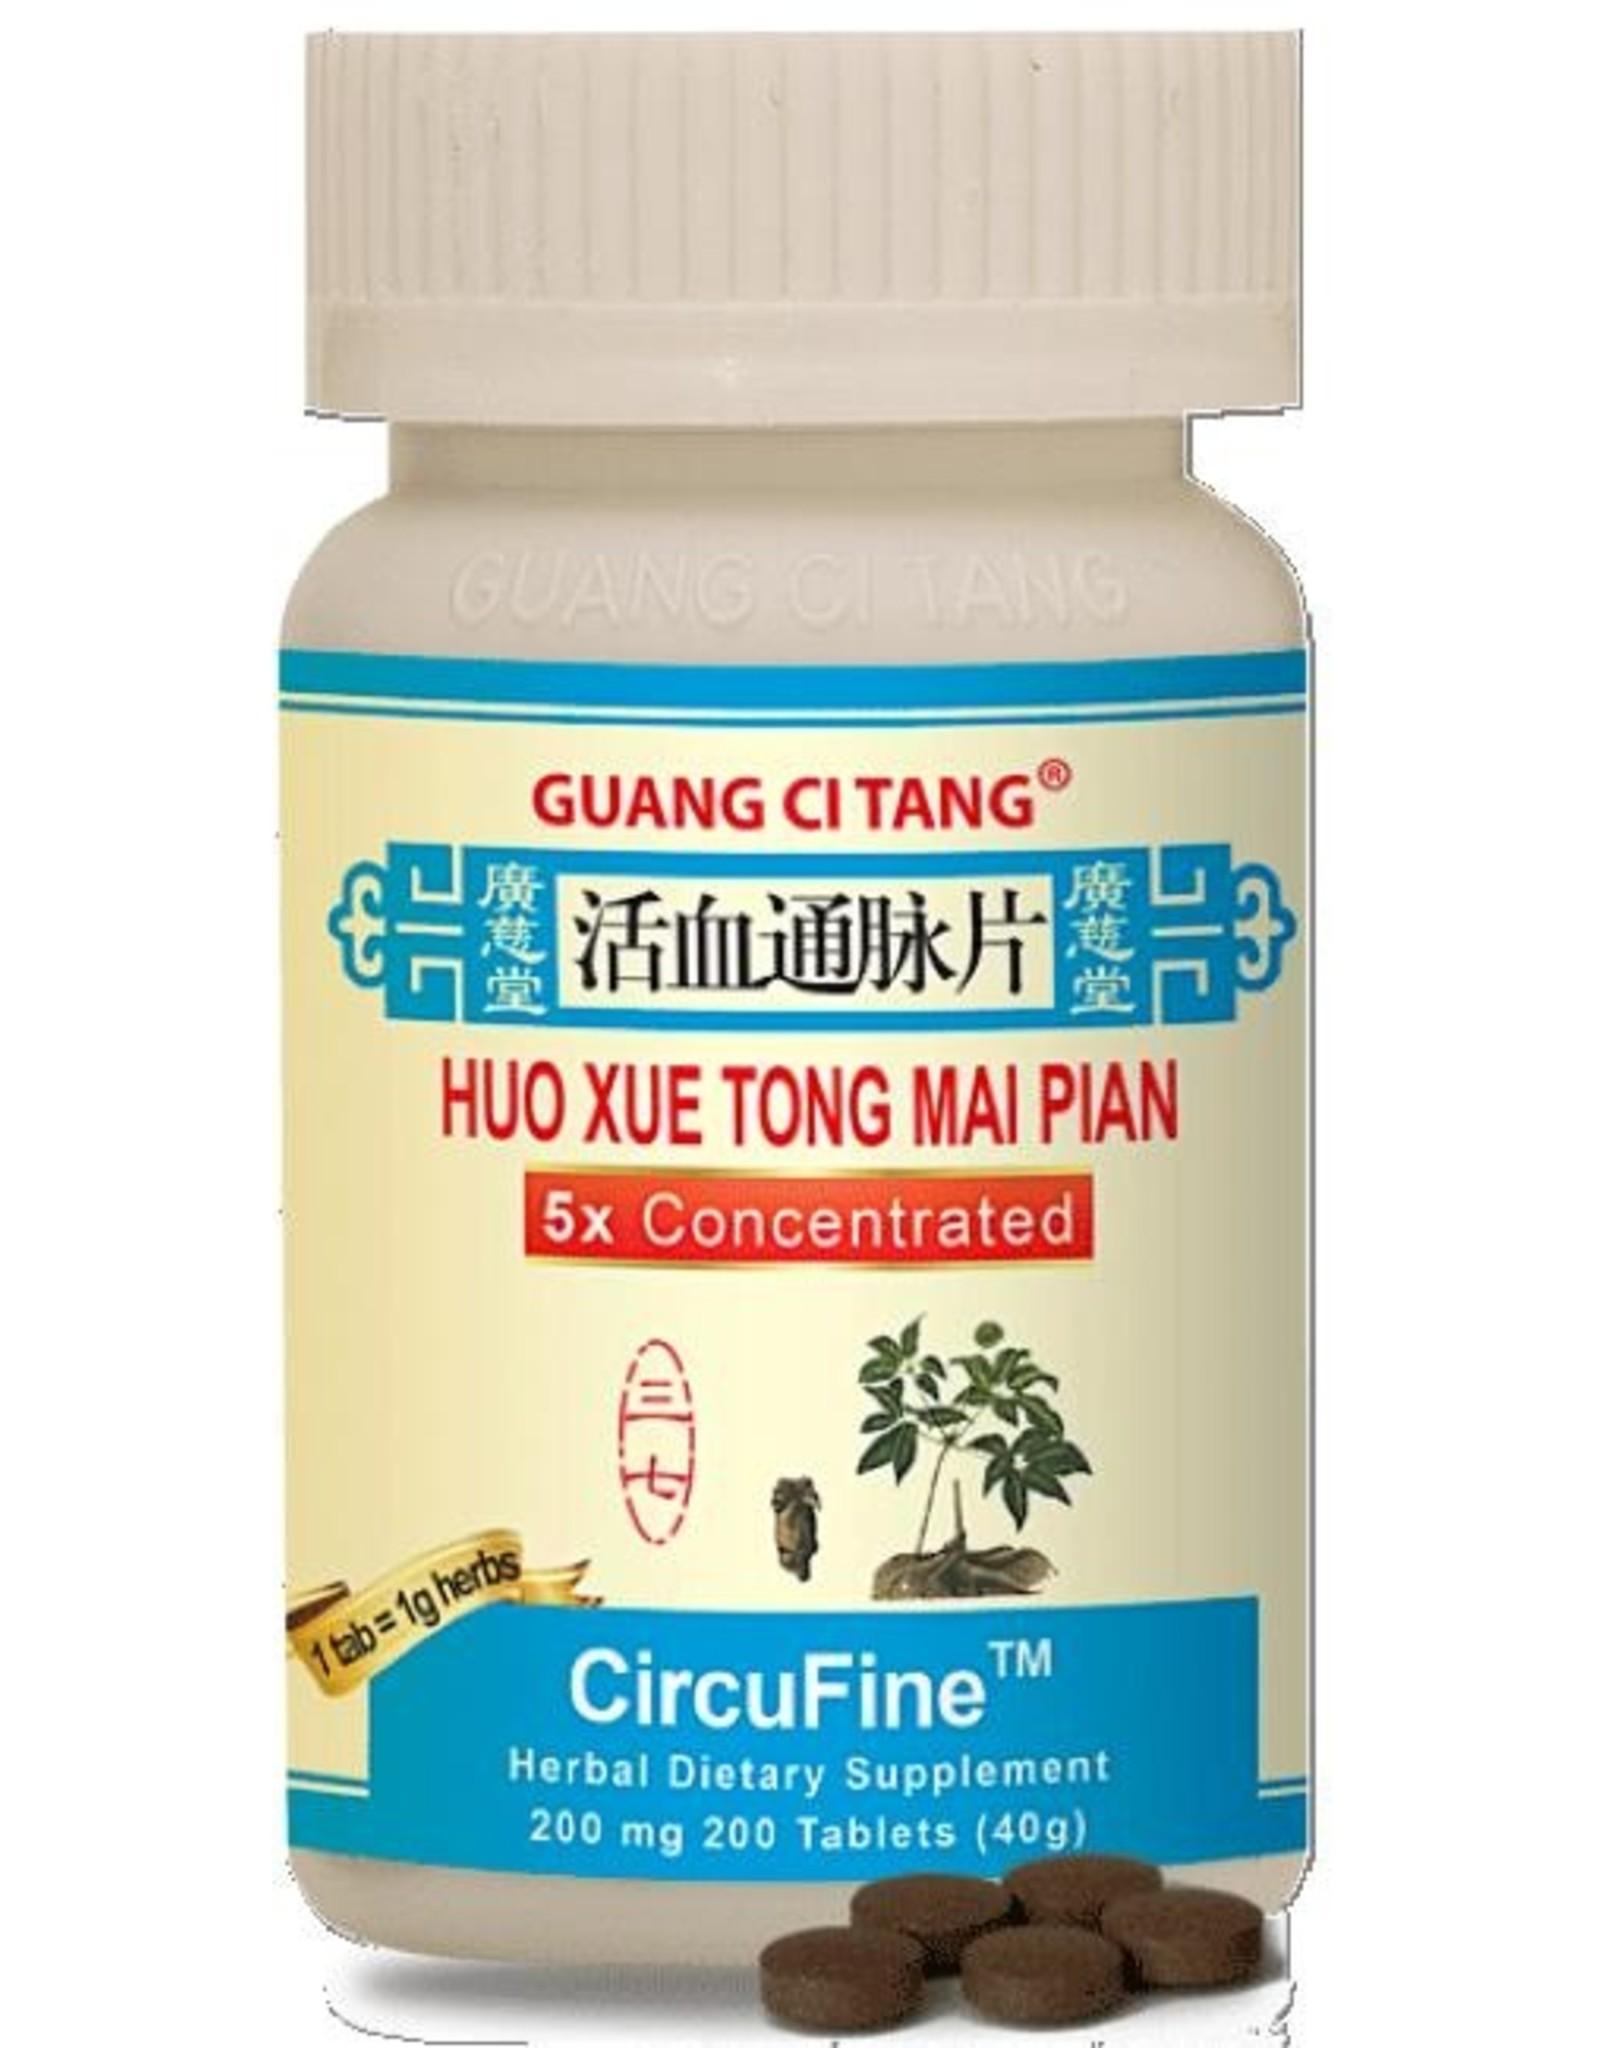 Guang Ci Tang Huo Xue Tong Mai Pian - CircuFine